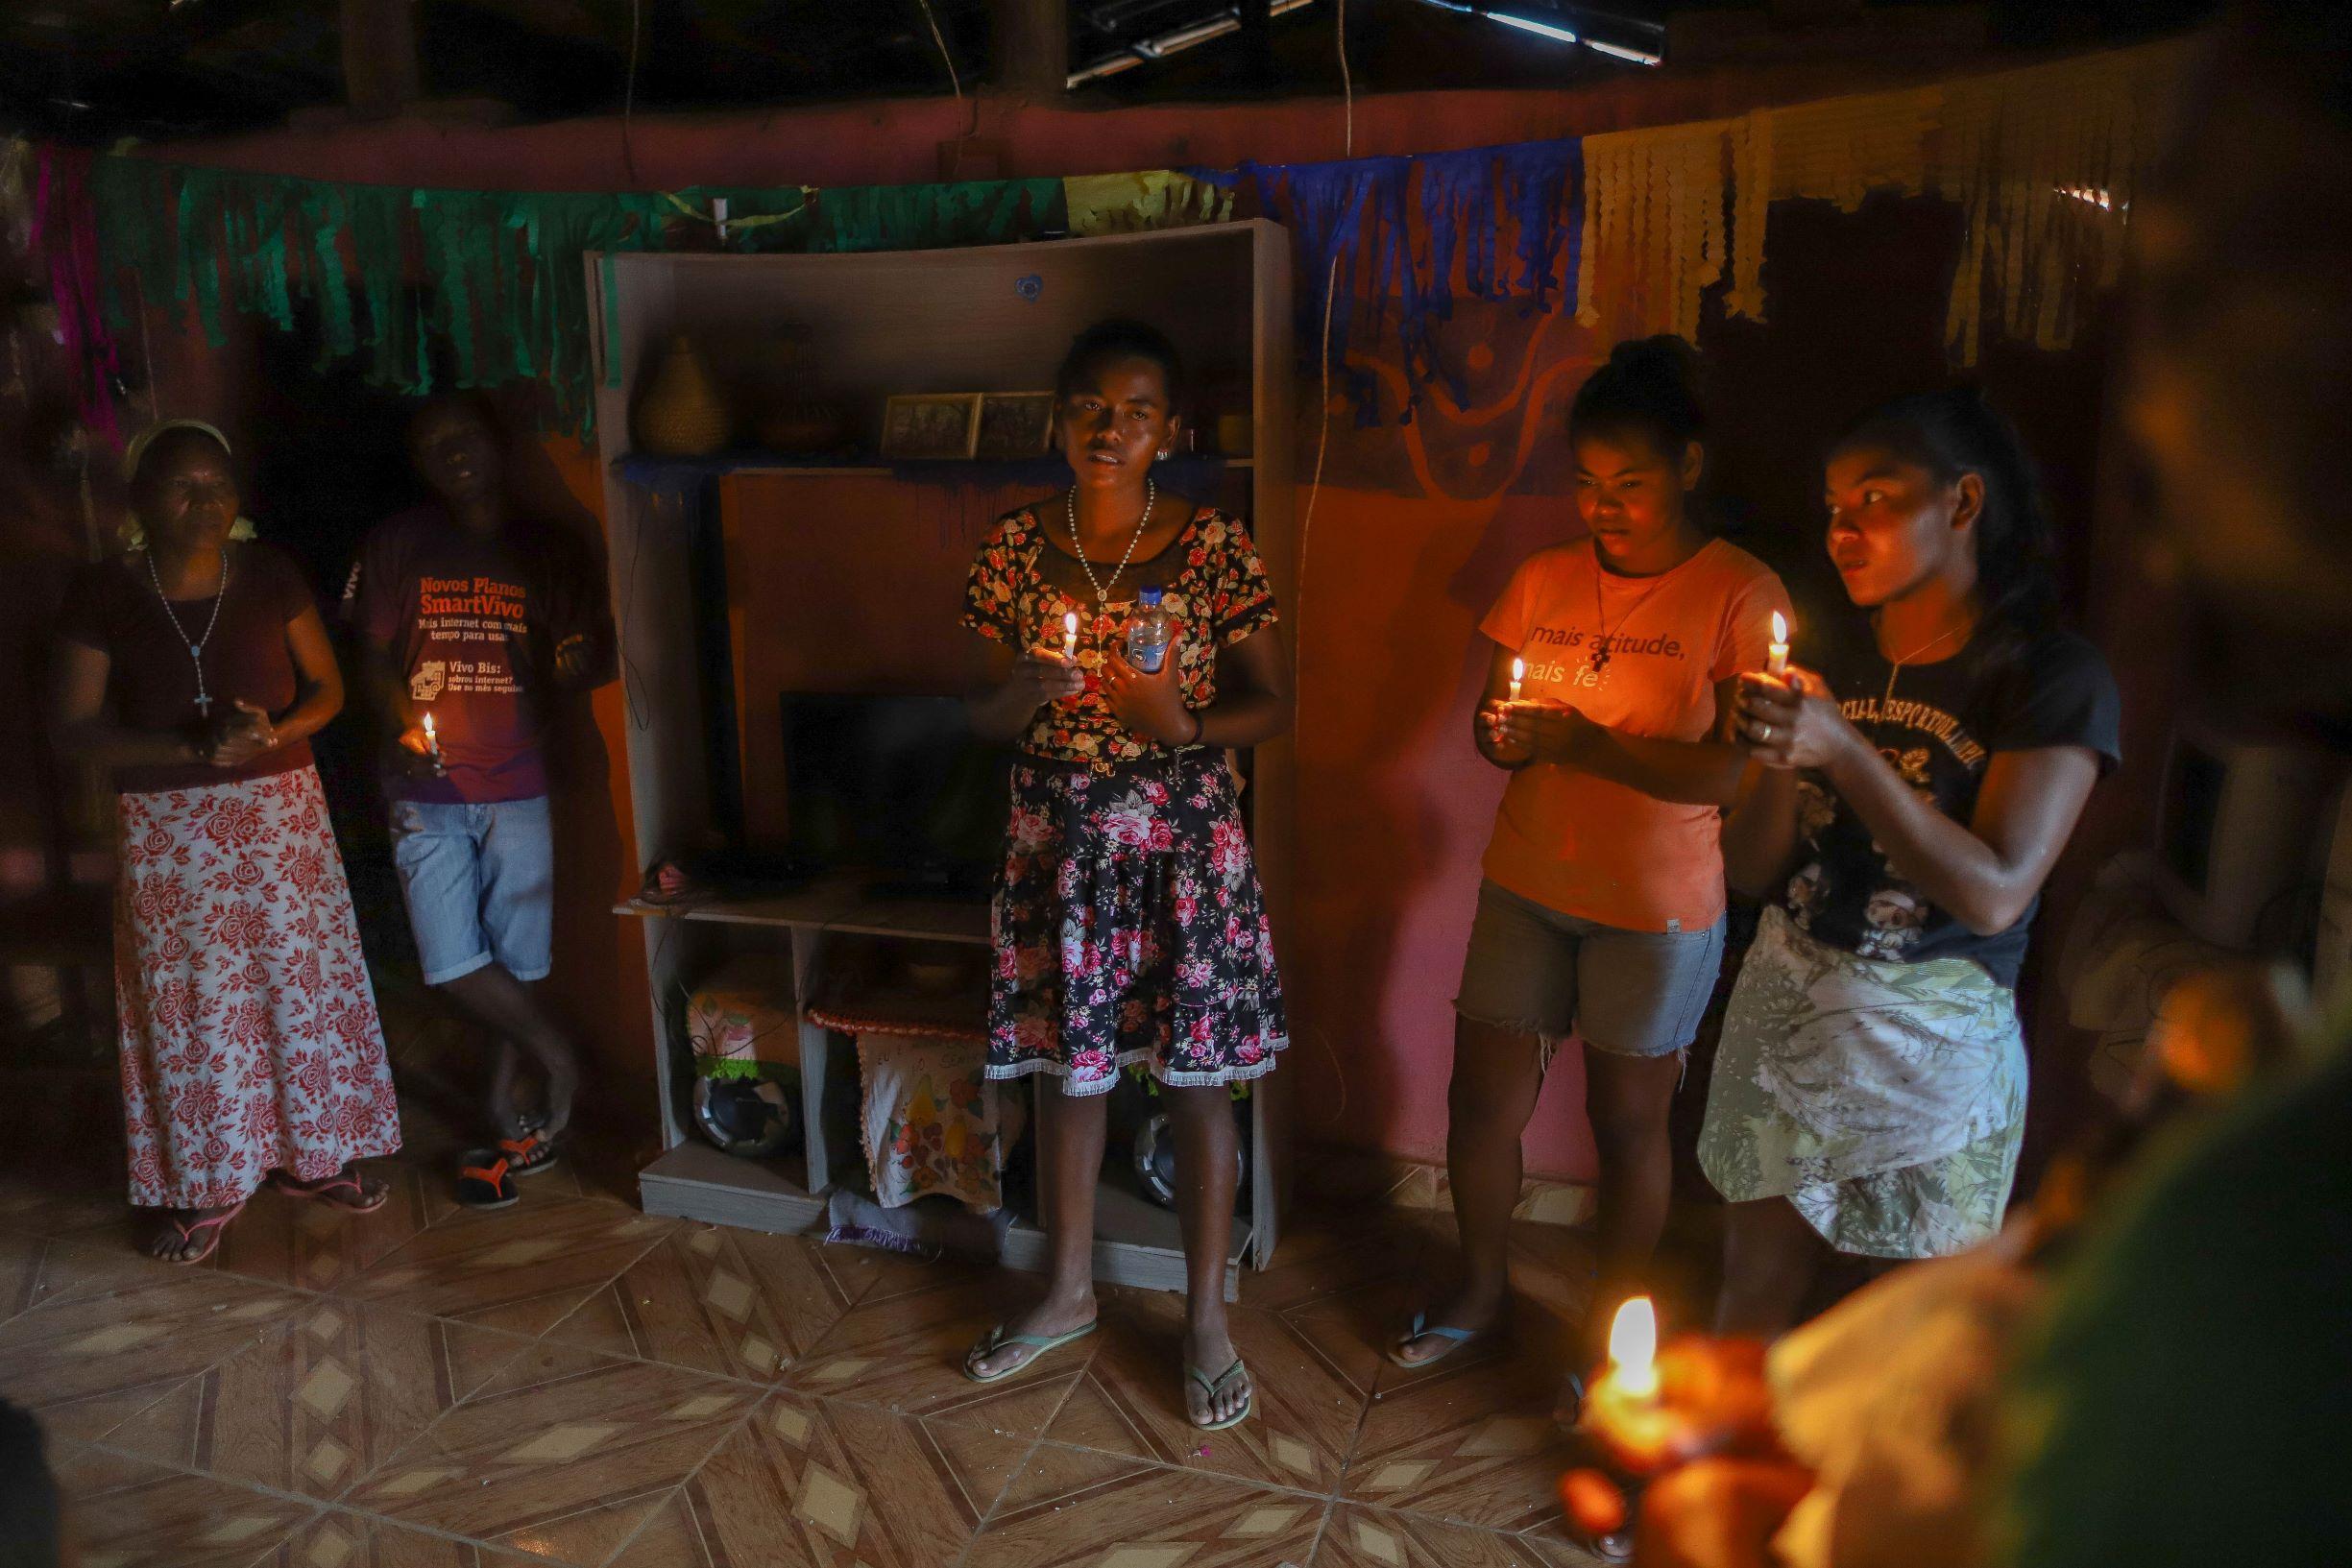 Grupo Xakriabá faz rezas e cantos para chamar a chuva: mudança climática torna temporada de seca mais prolongada (Foto: Flávio Tavares)